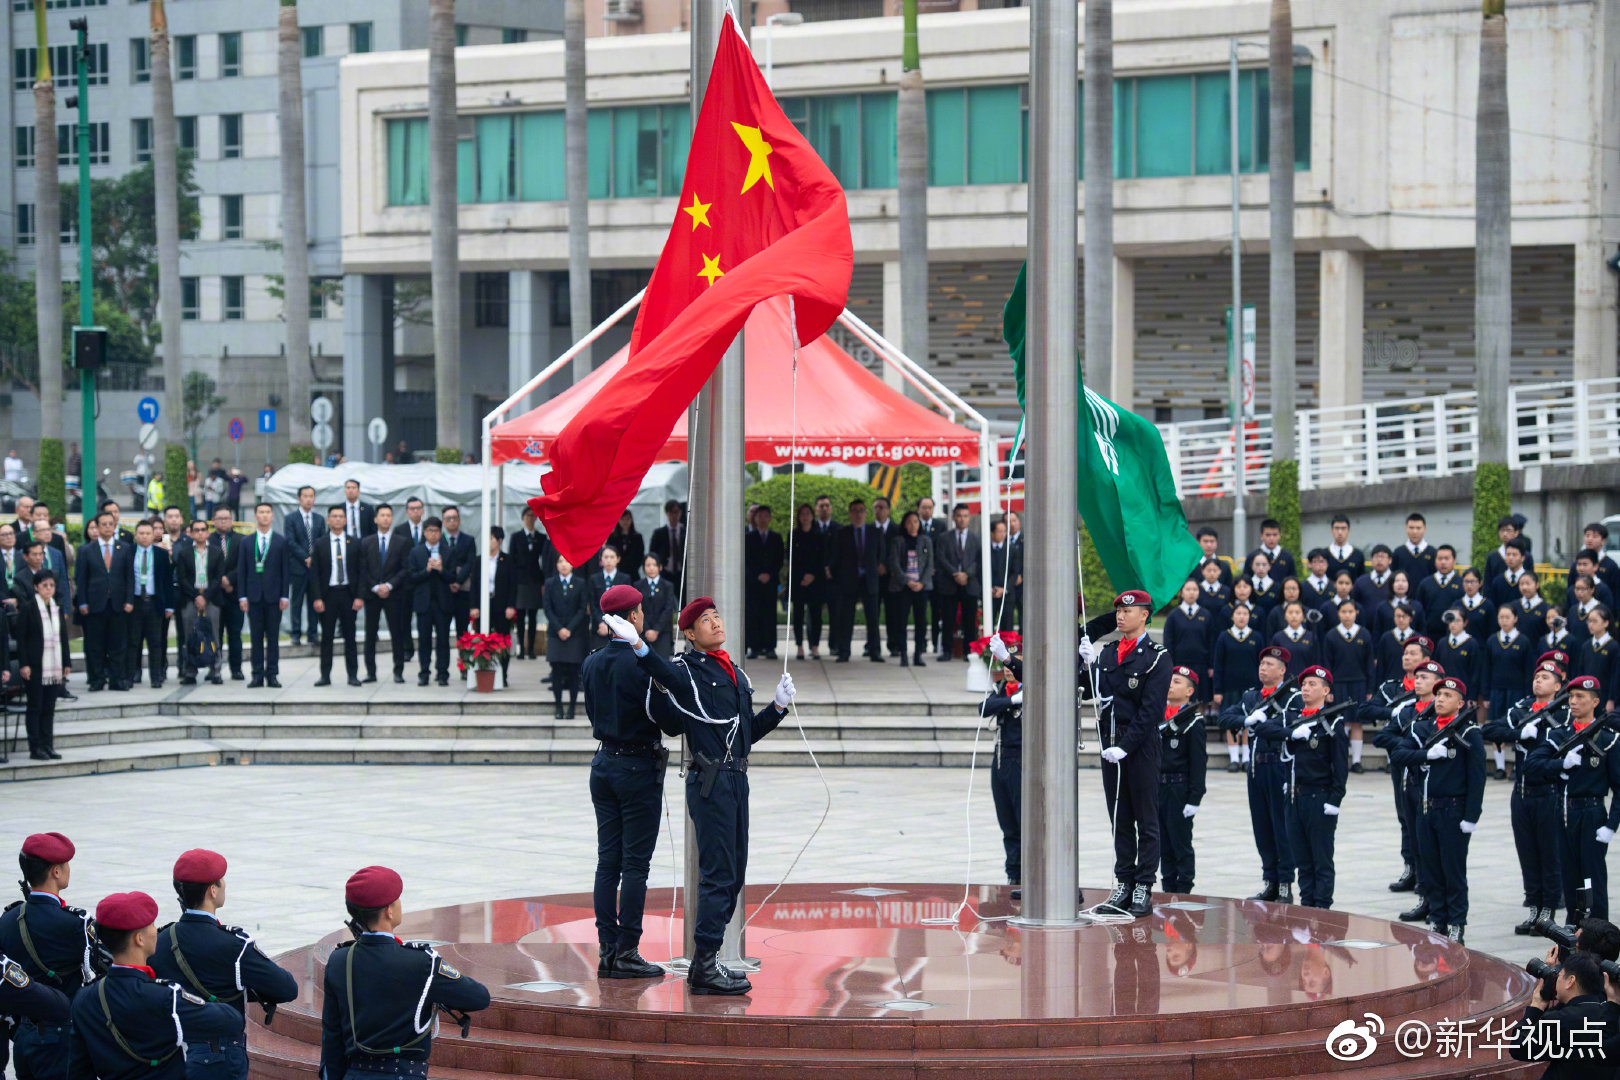 驻澳部队举行升旗仪式庆祝澳门回归19周年 海外网